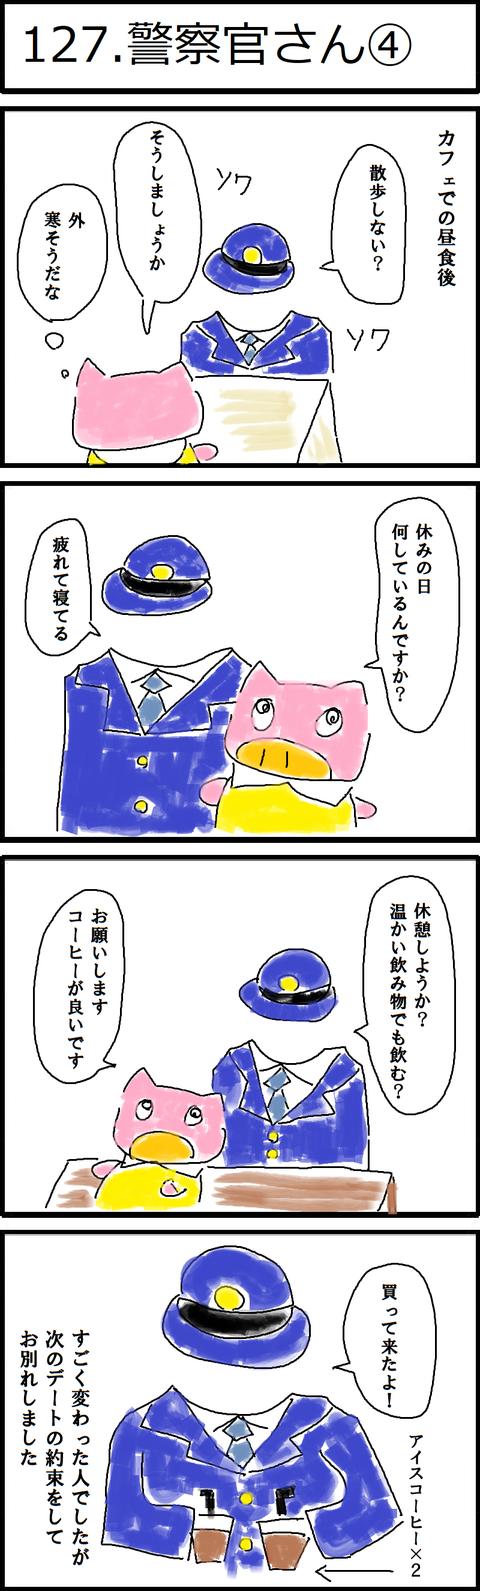 127.警察官さん④